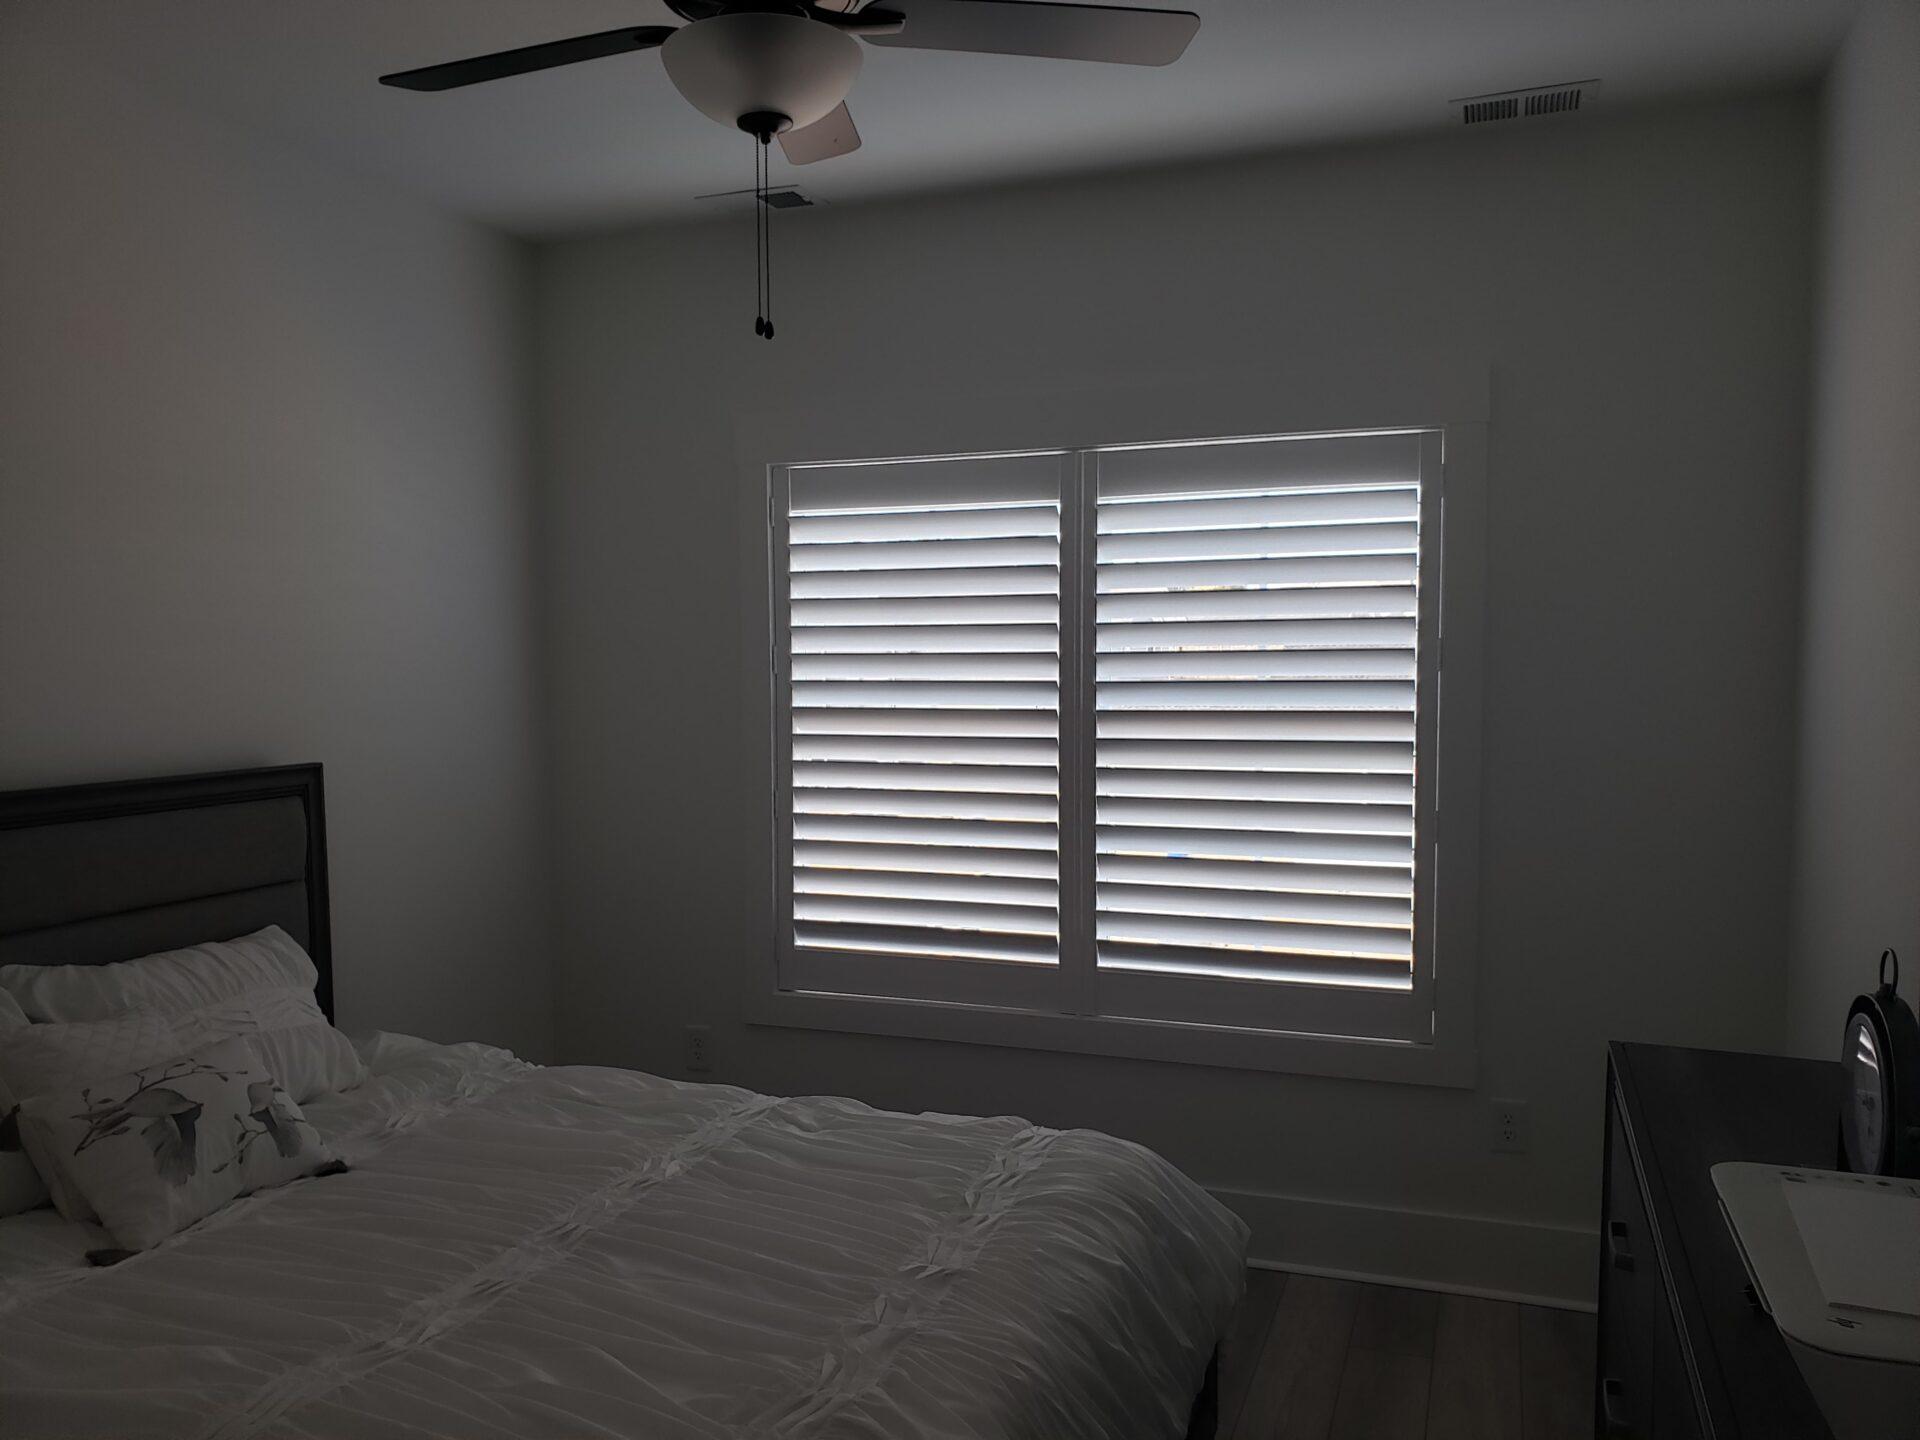 Bedroom Interior Window Shutters / Plantation Shutters Nashville TN